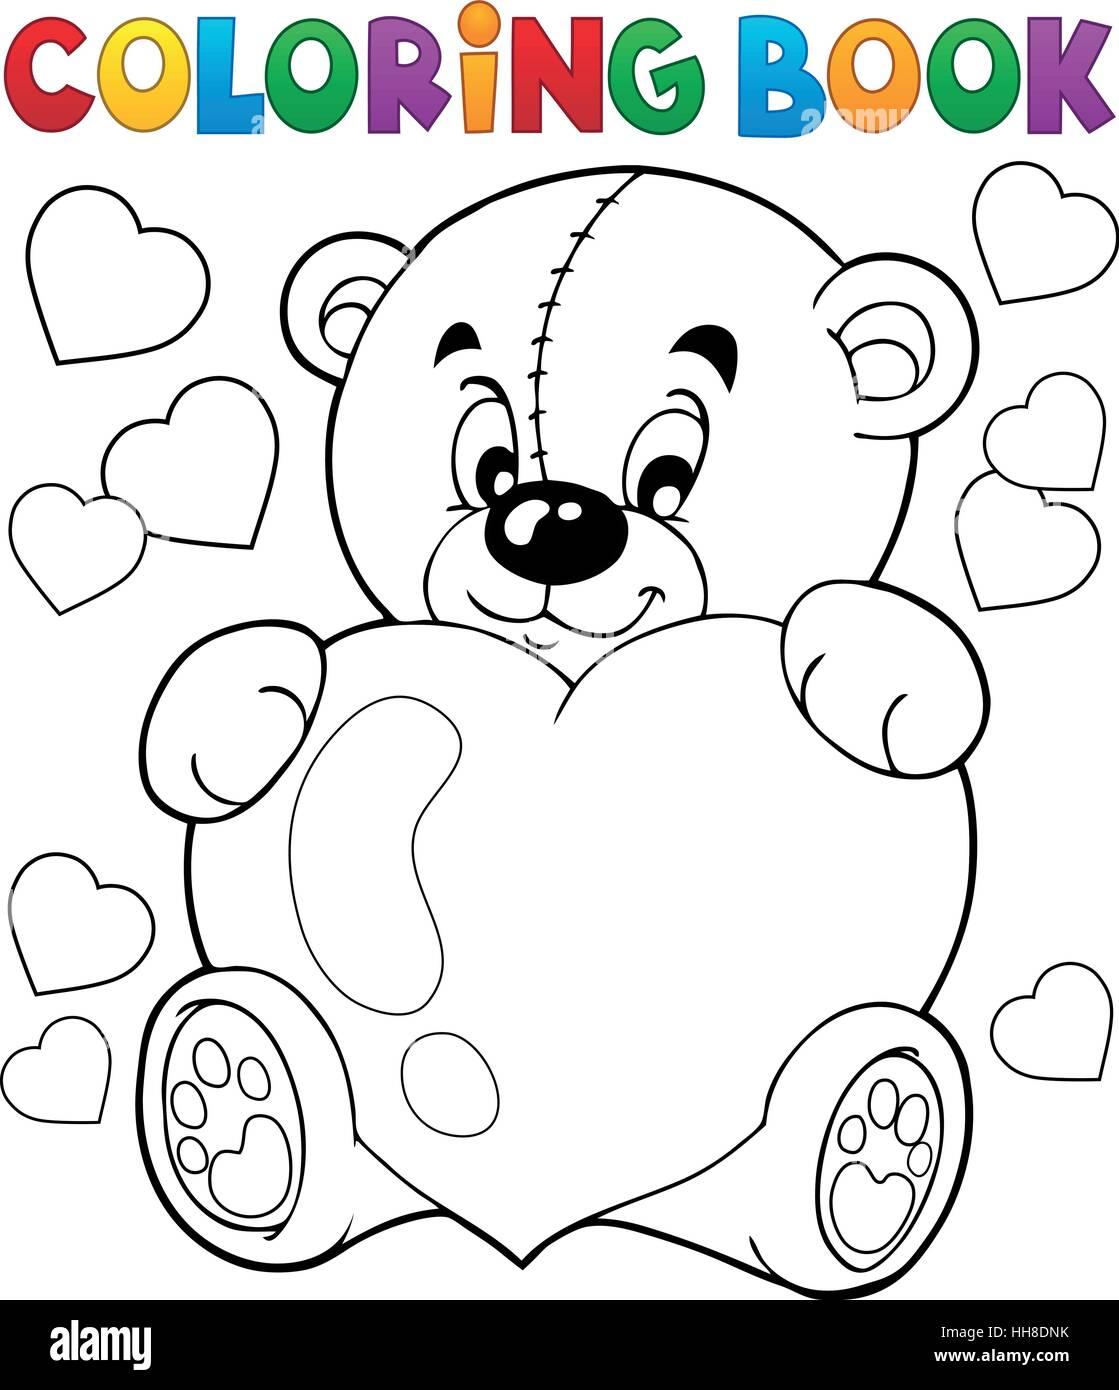 Erfreut Malvorlagen Valentine Ideen - Beispiel Business Lebenslauf ...